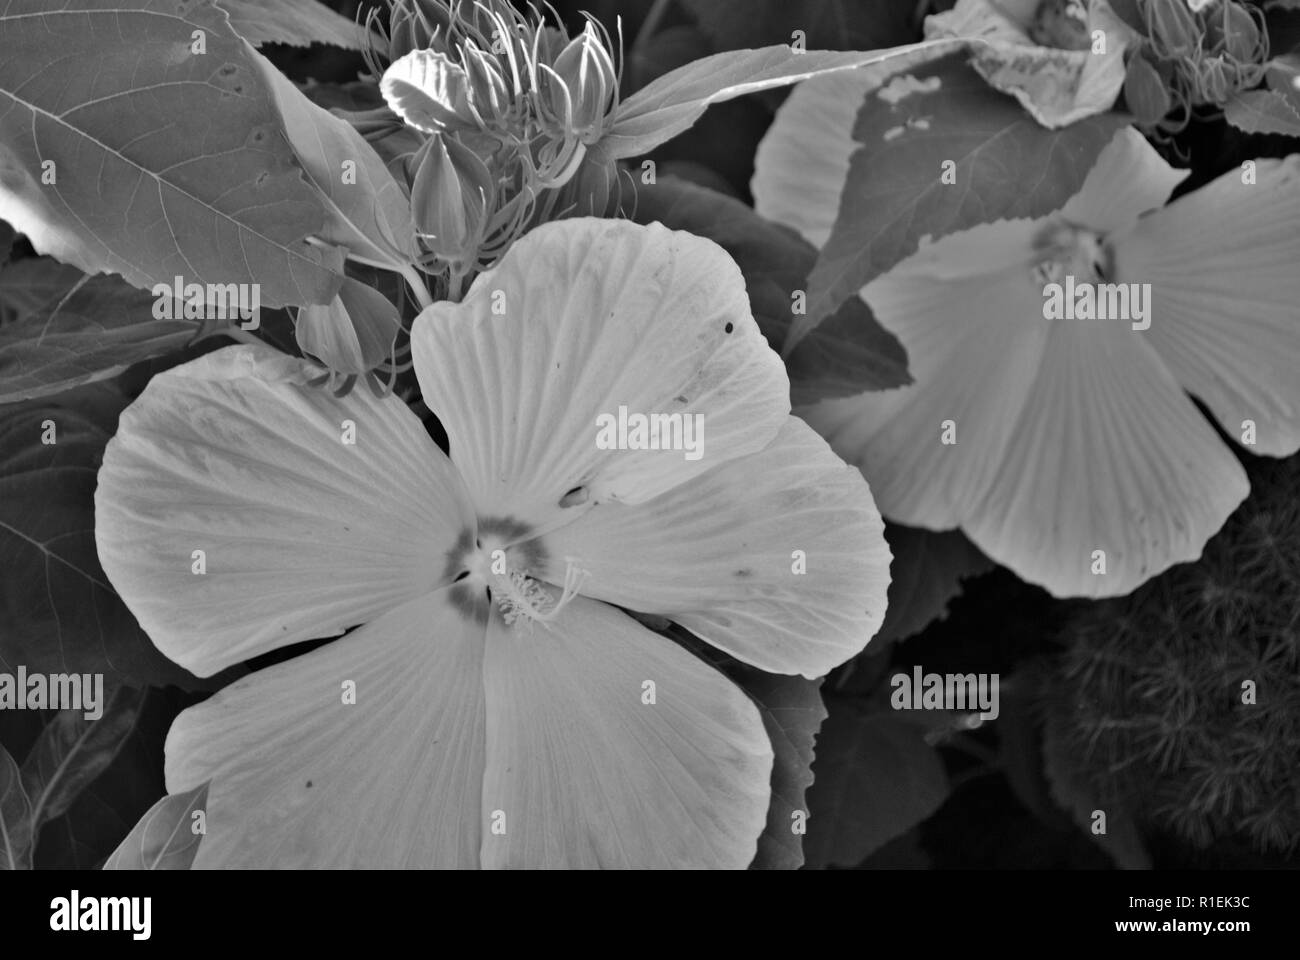 Fiori Bianchi Con 5 Petali.Bianco Fiori Di Ibisco Con Cinque Petali Di Grandi Dimensioni Foto